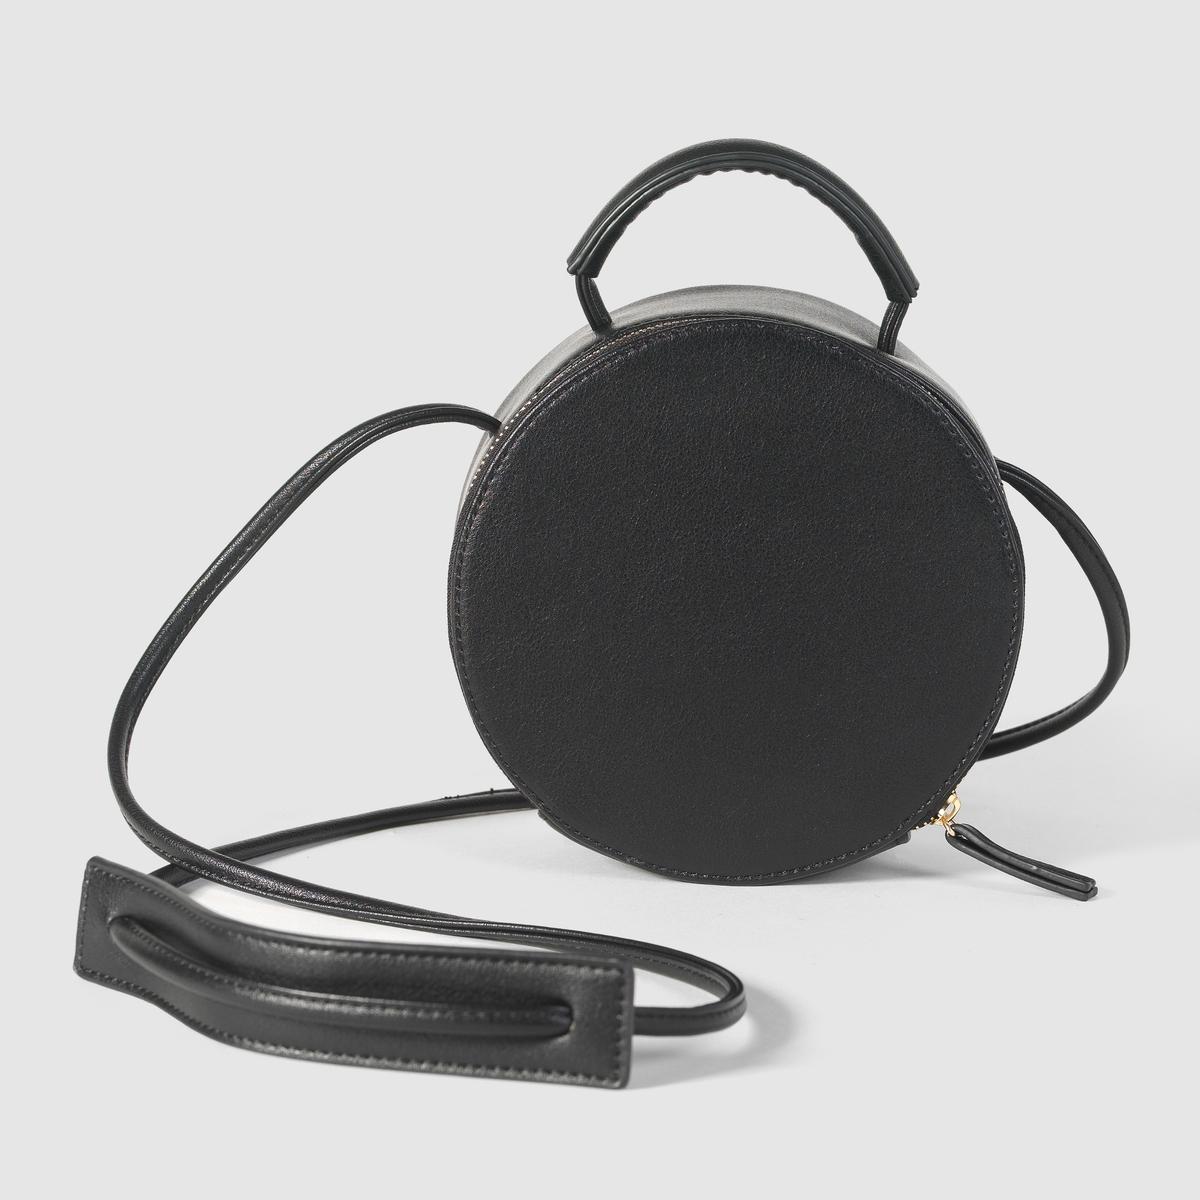 Сумка круглая маленькаяПреимущества: эта маленькая сумка подарит Вам прогулку налегке дизайнерская форма сумки - коробка для шляпы - добавит оригинальности Вашему образу.<br><br>Цвет: черный<br>Размер: единый размер